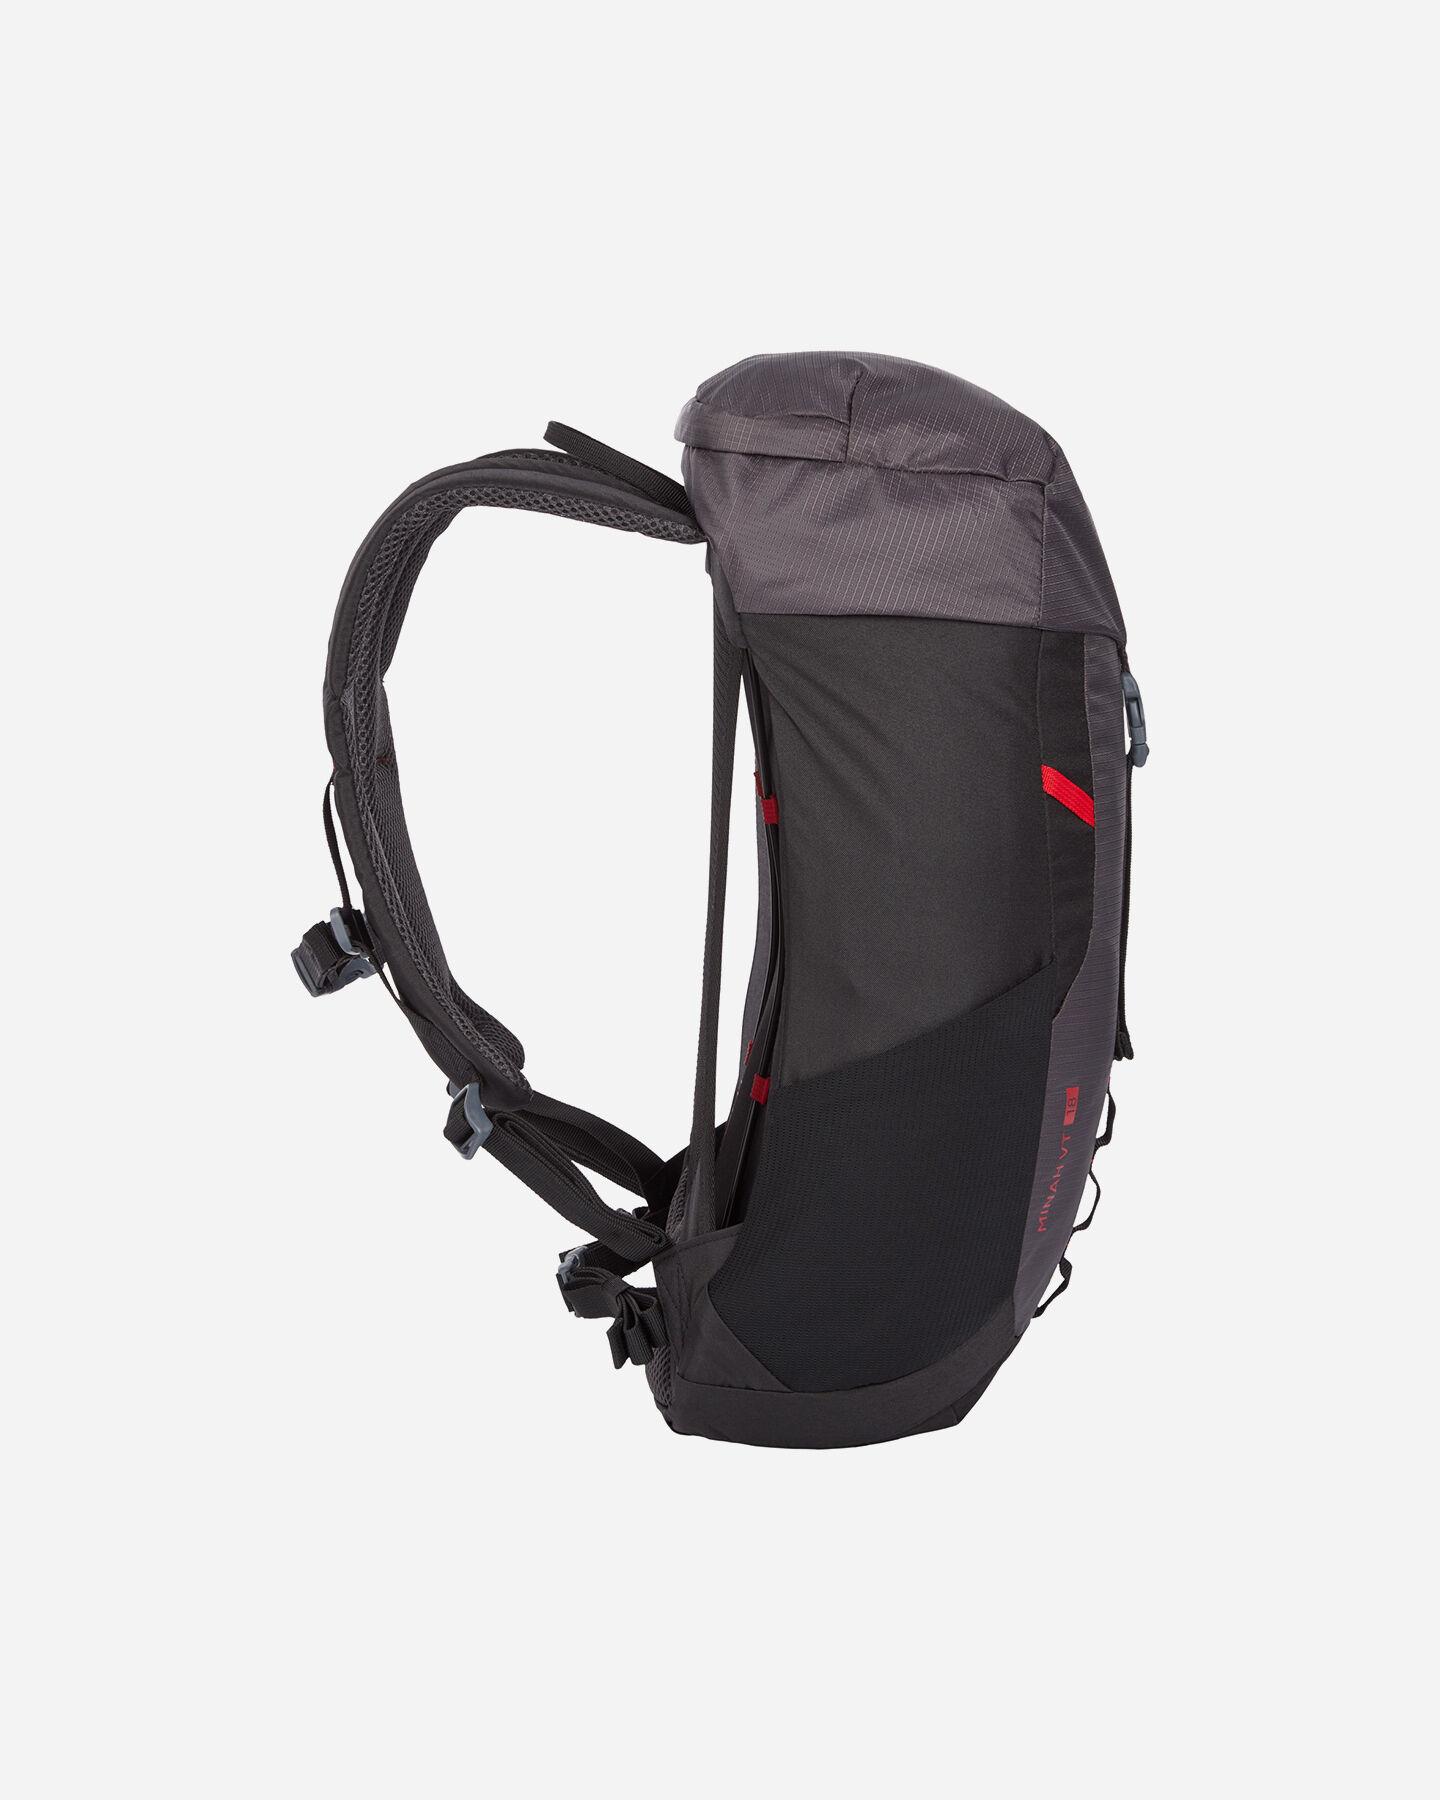 Zaino escursionismo MCKINLEY MINAH VT 18 S5267247 scatto 2